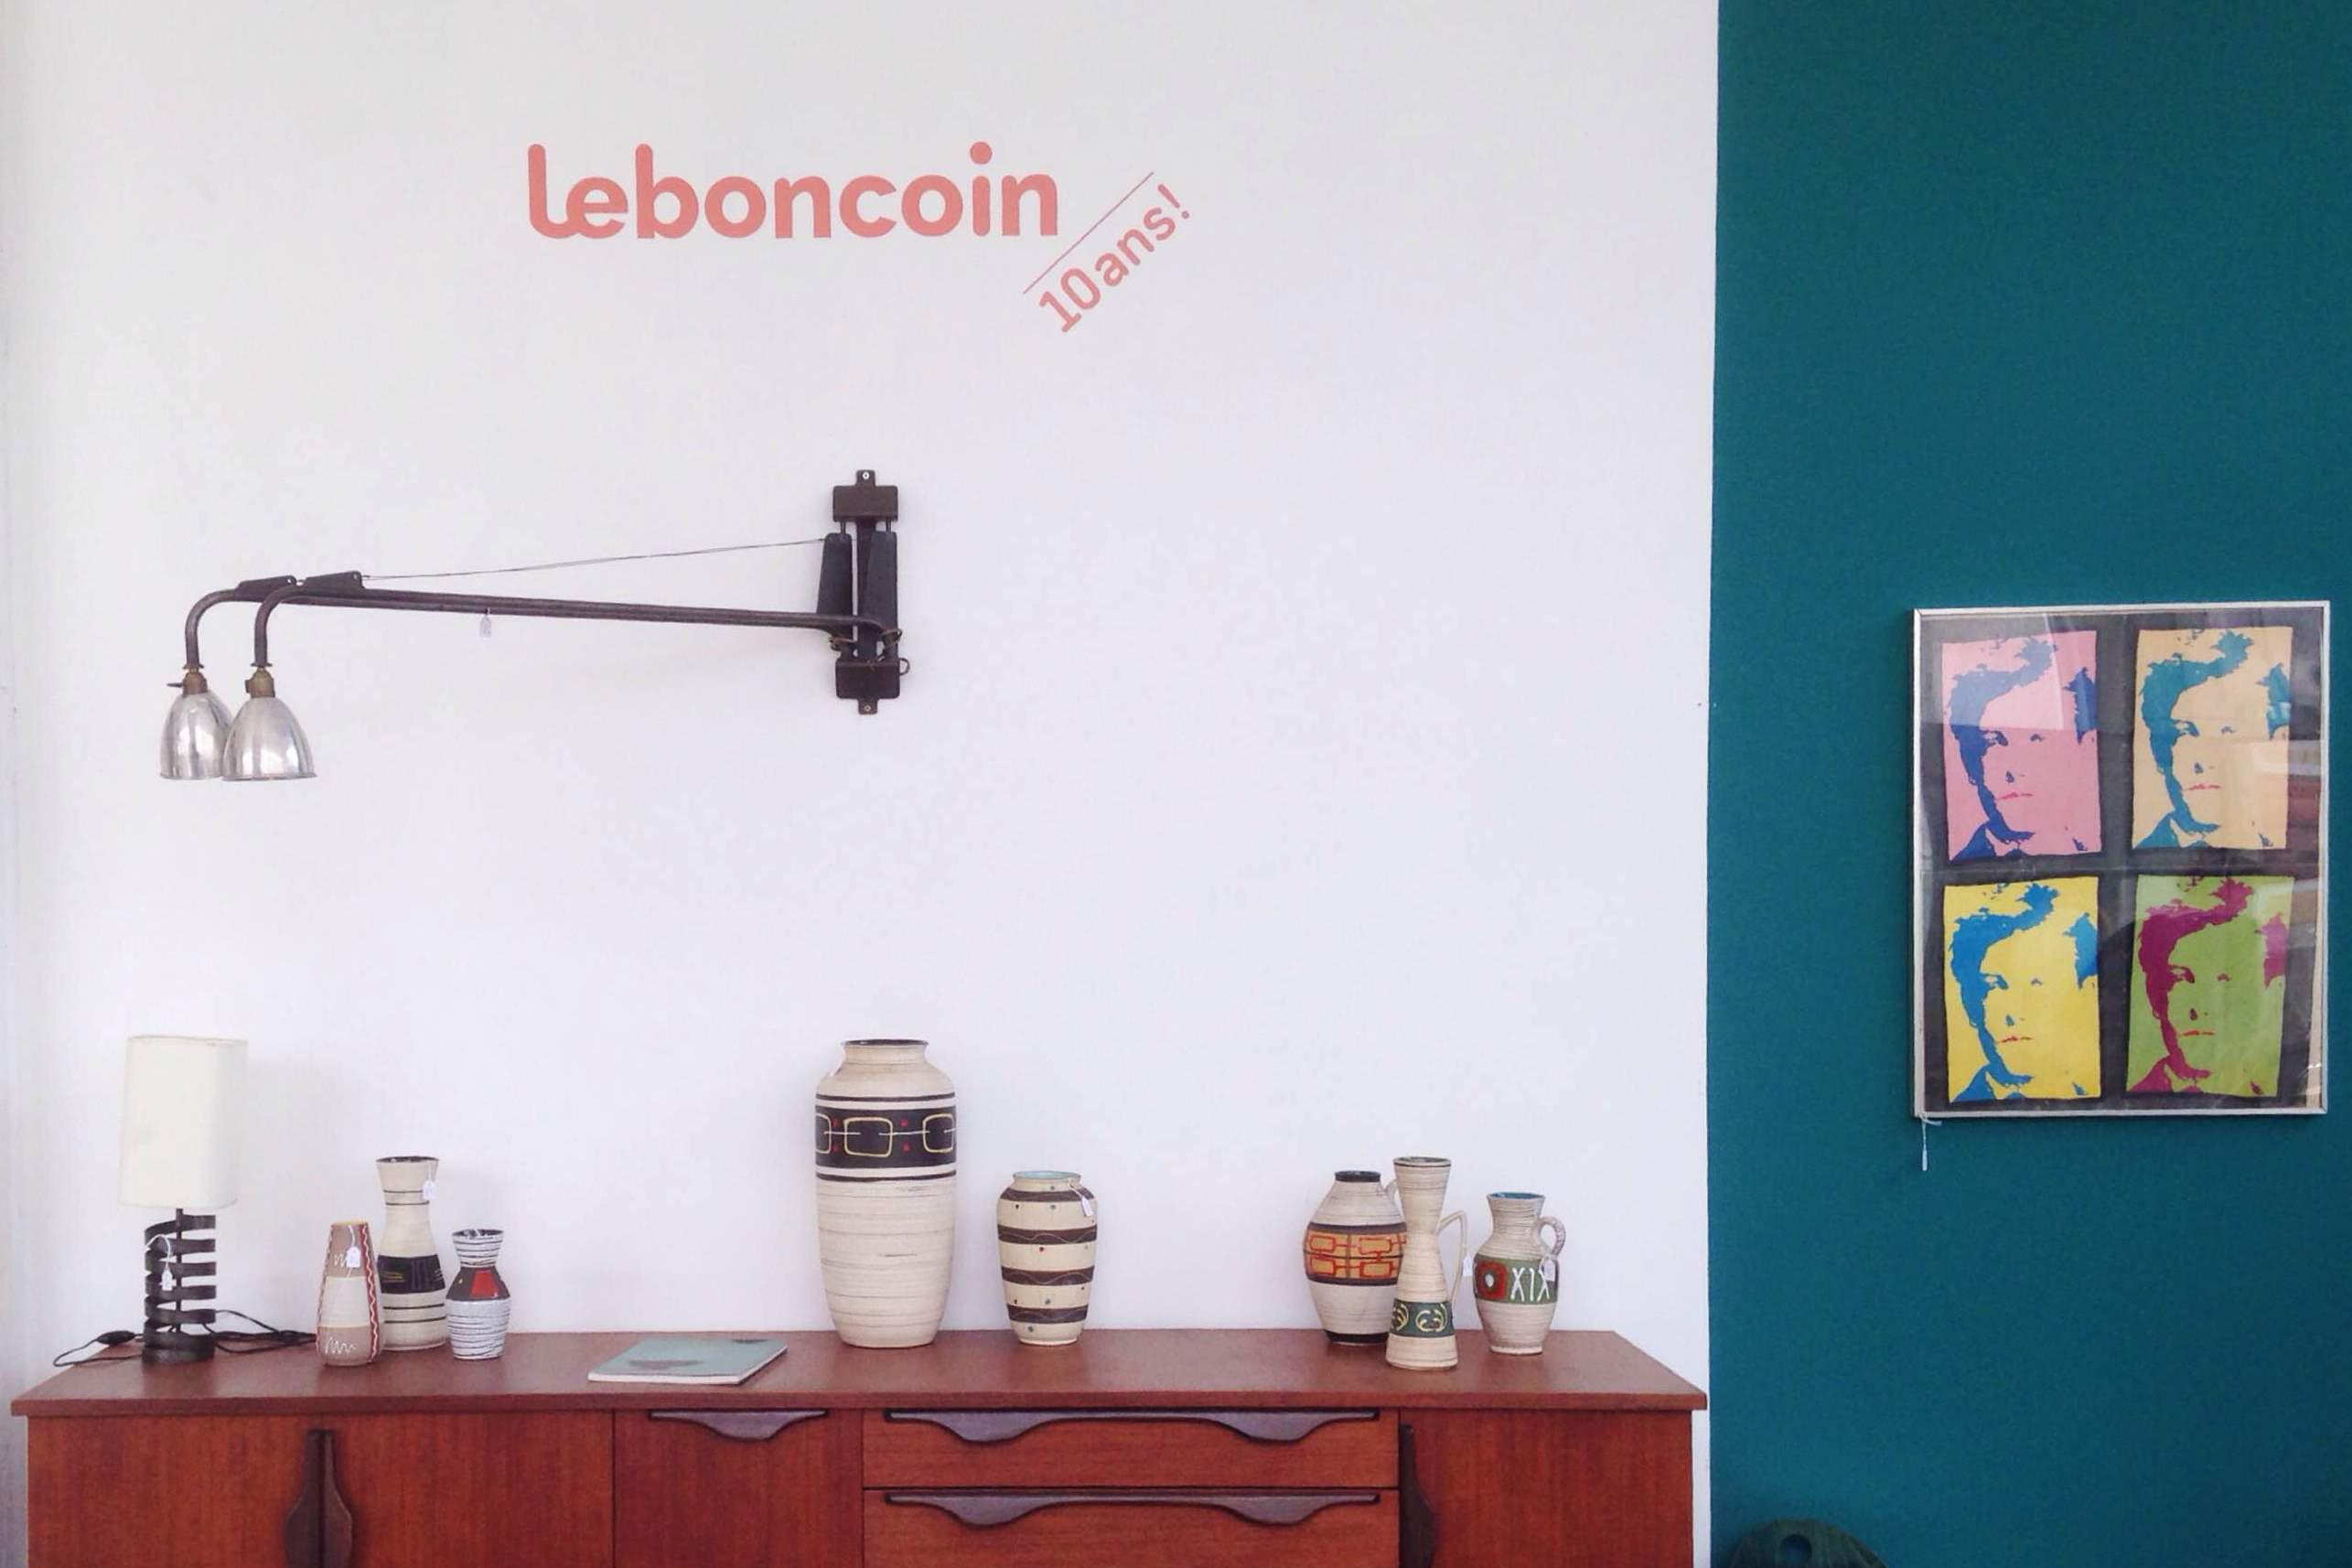 leboncoin ouvre une boutique ph m re paris journal des femmes. Black Bedroom Furniture Sets. Home Design Ideas